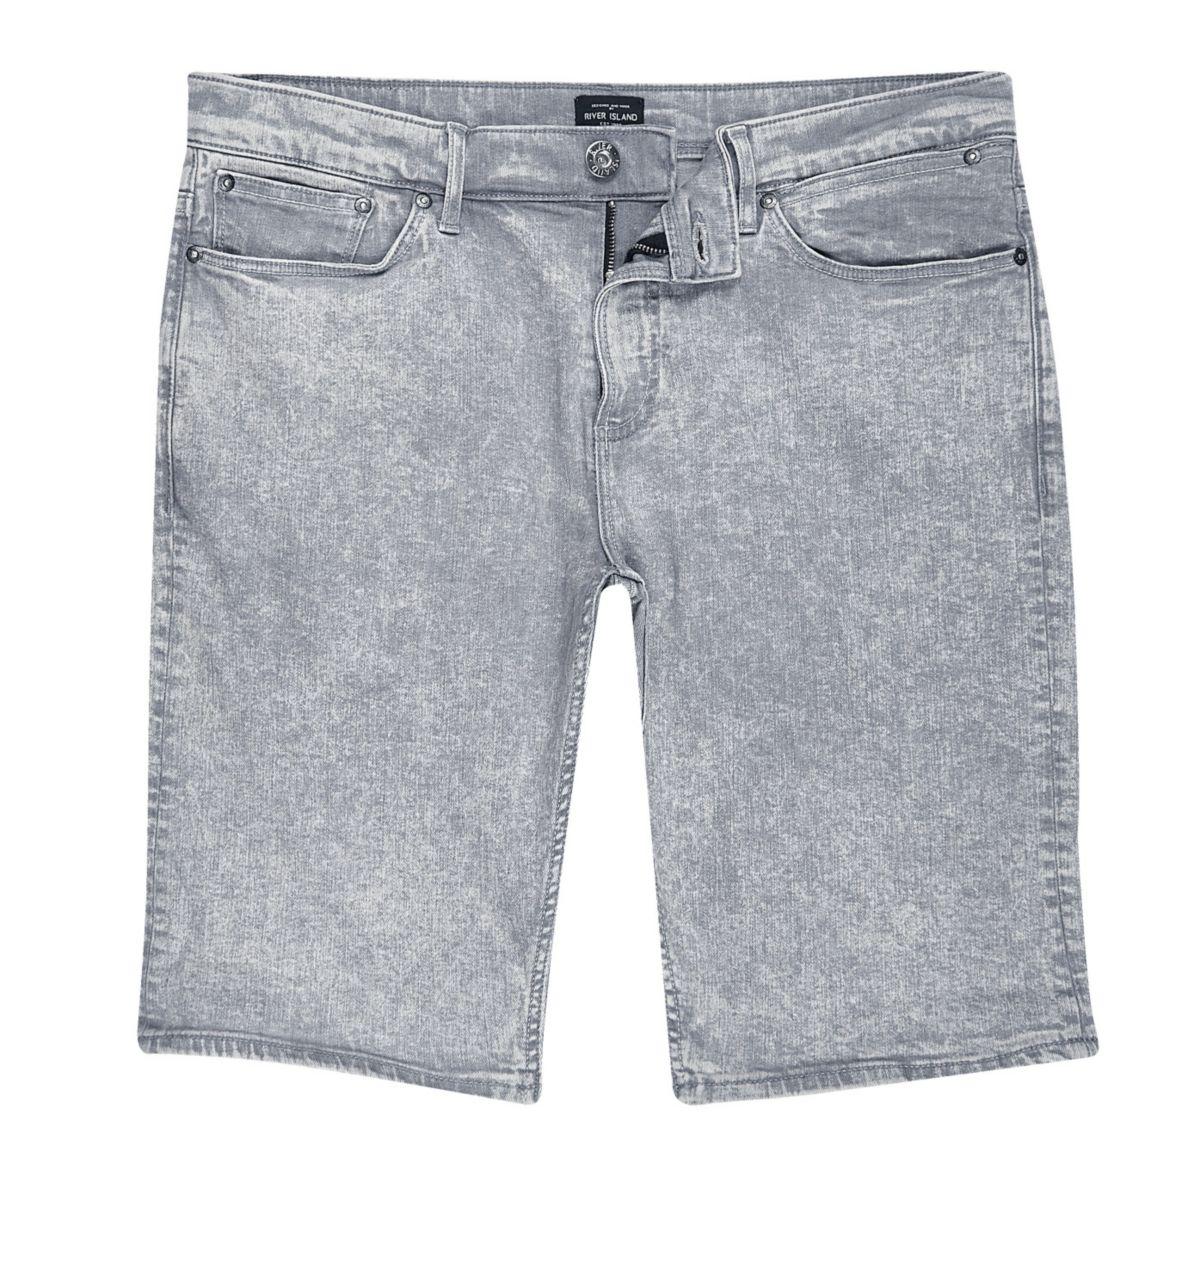 Grey acid wash skinny fit shorts